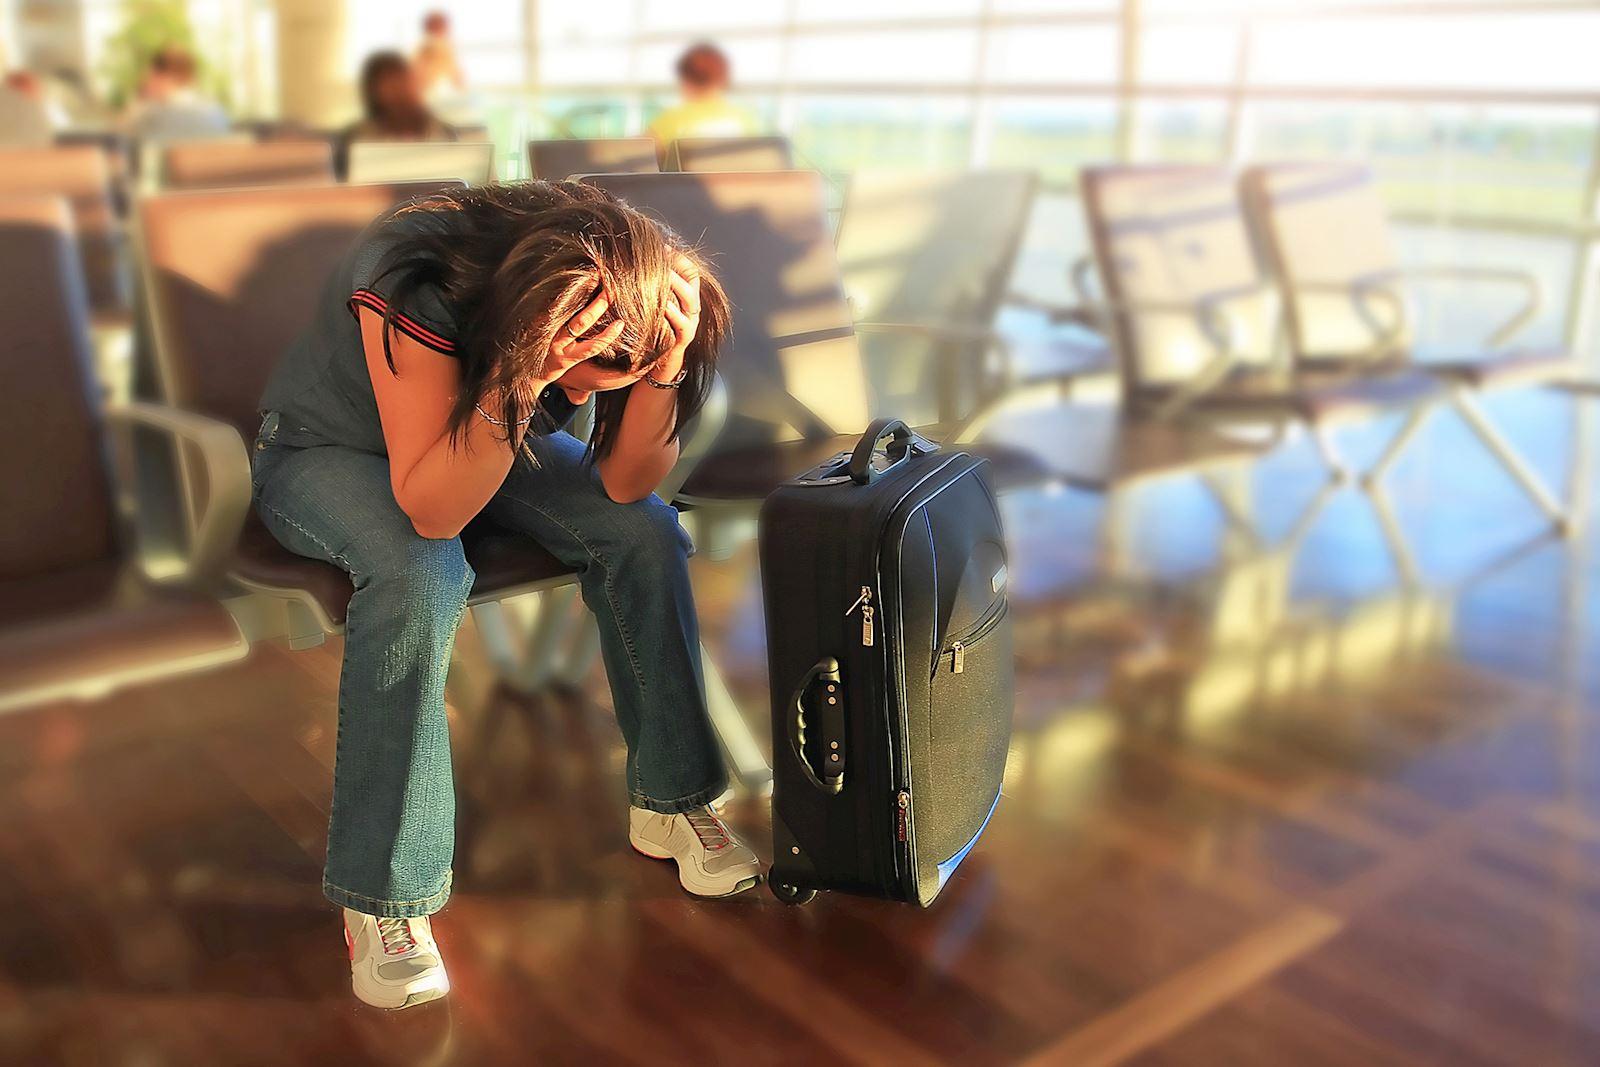 אישה מאוכזבת בשדה תעופה